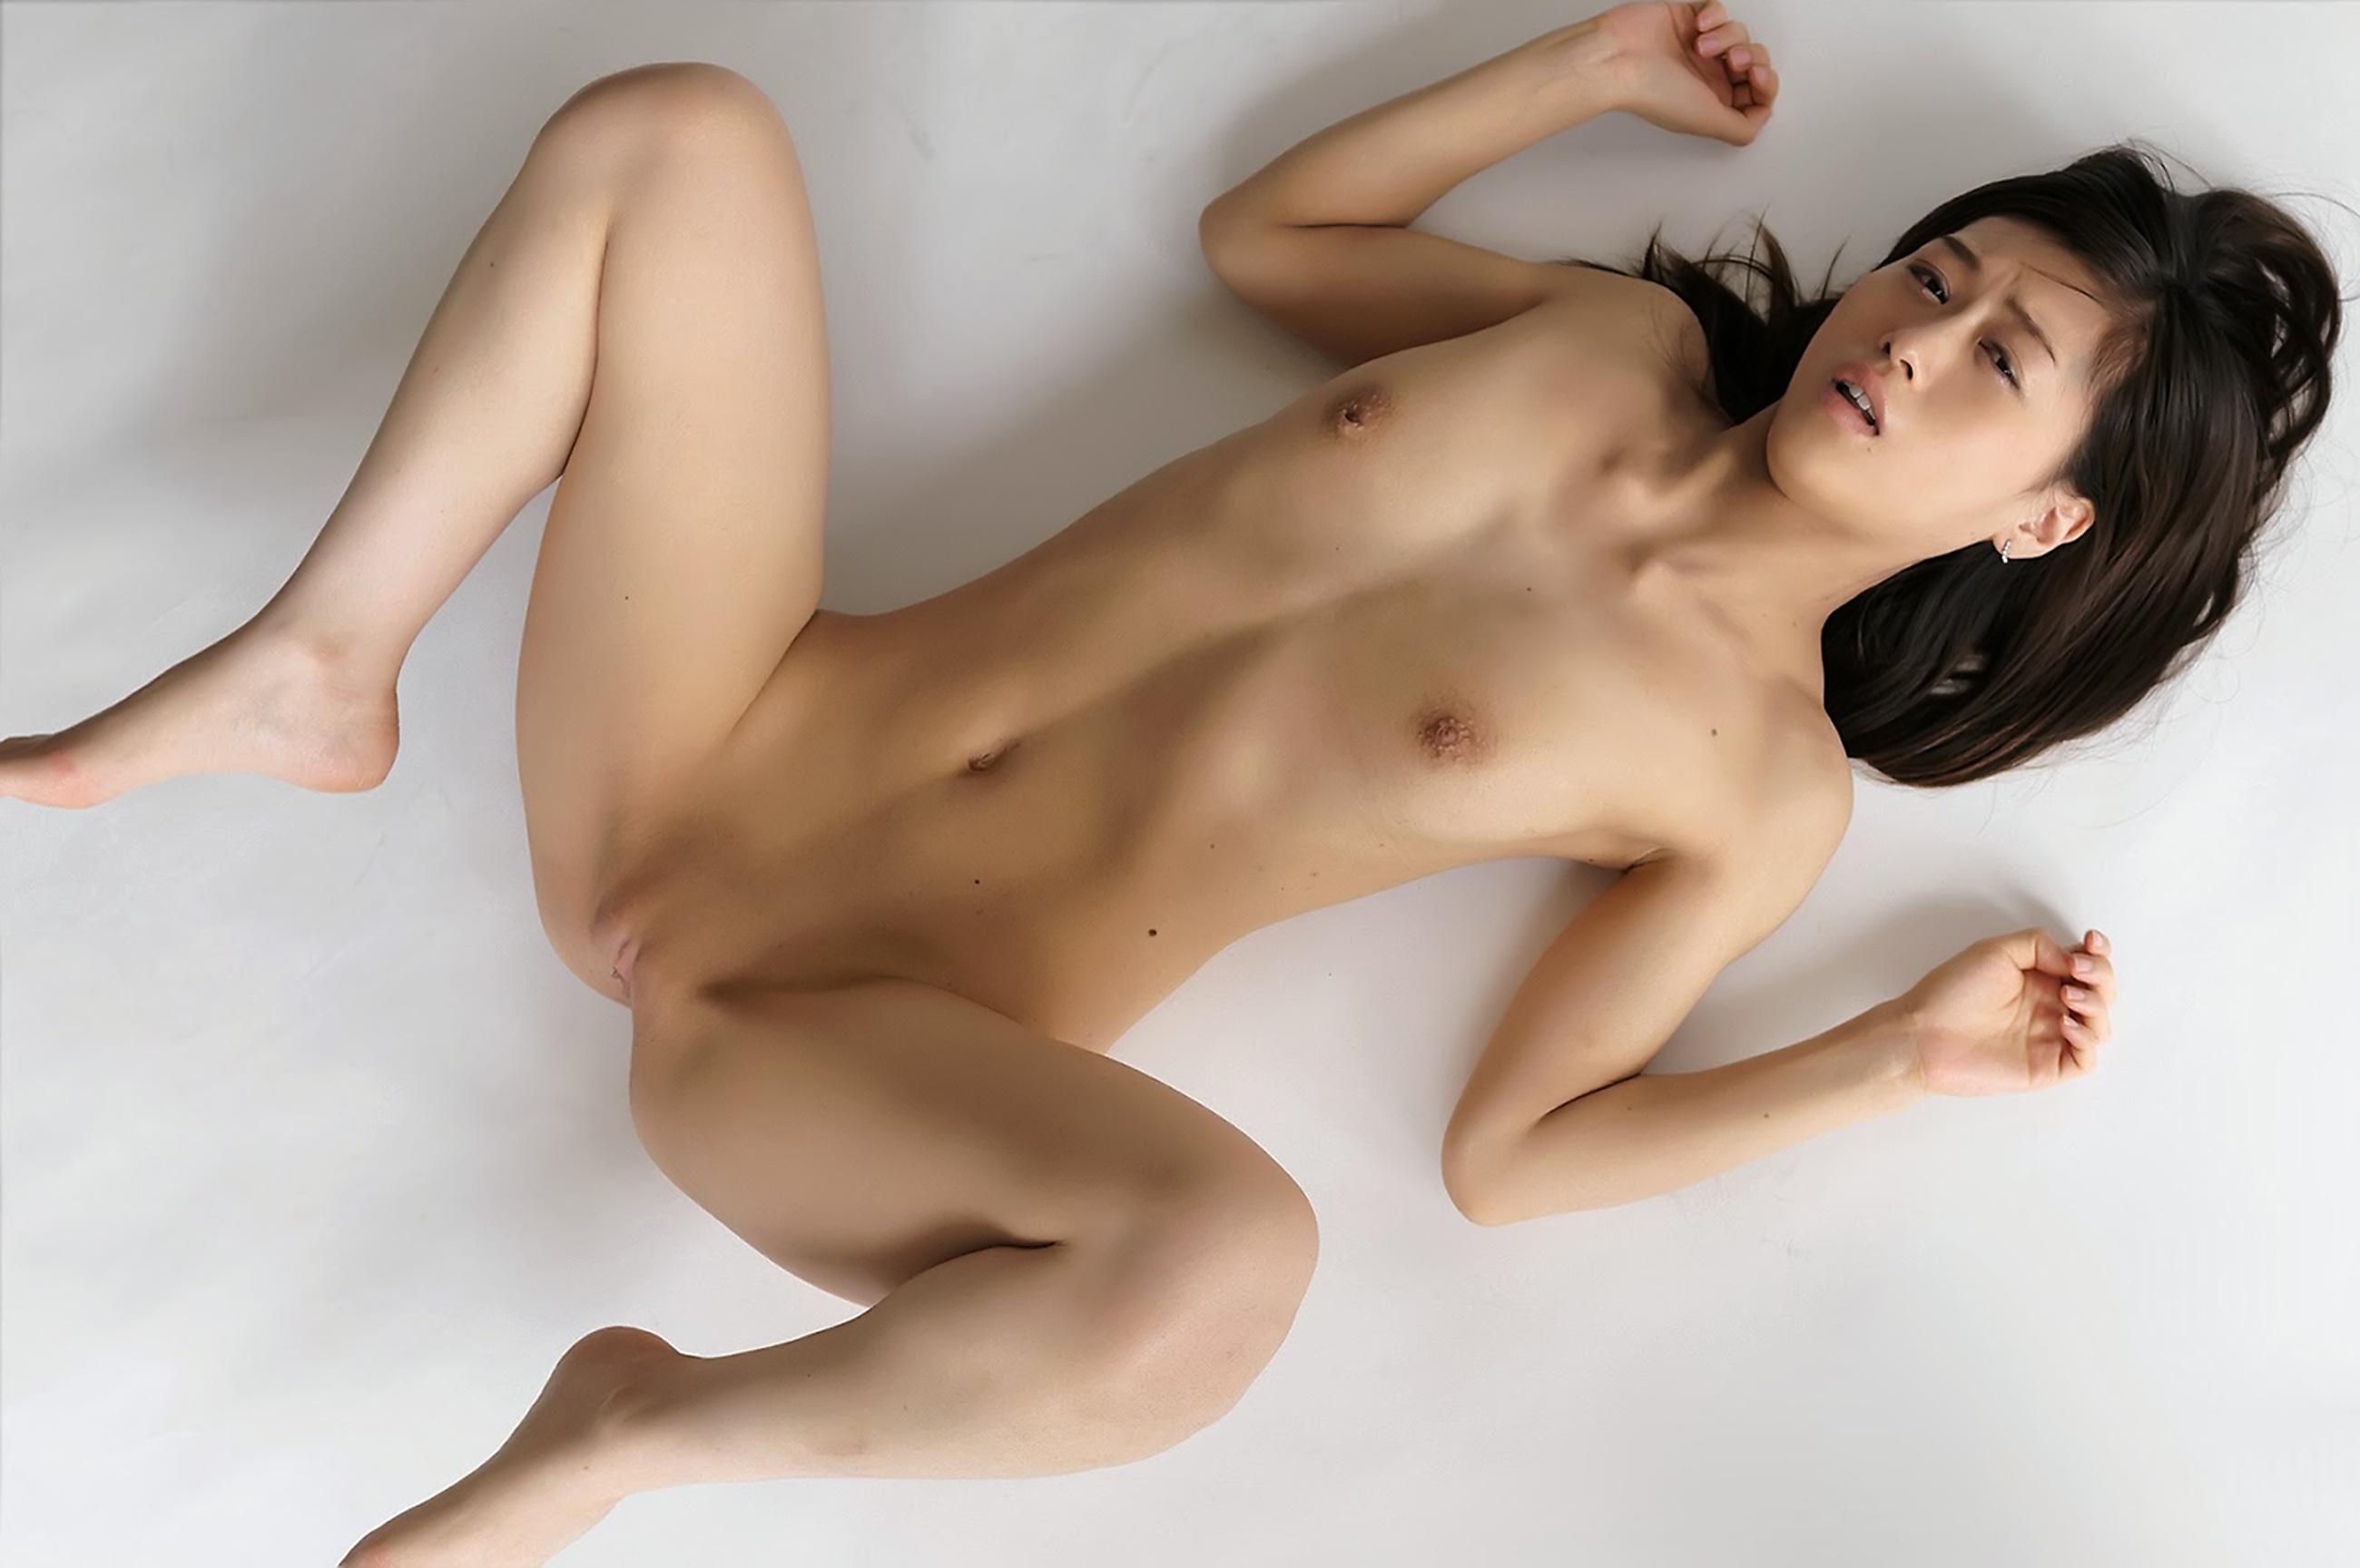 hot nude ebony